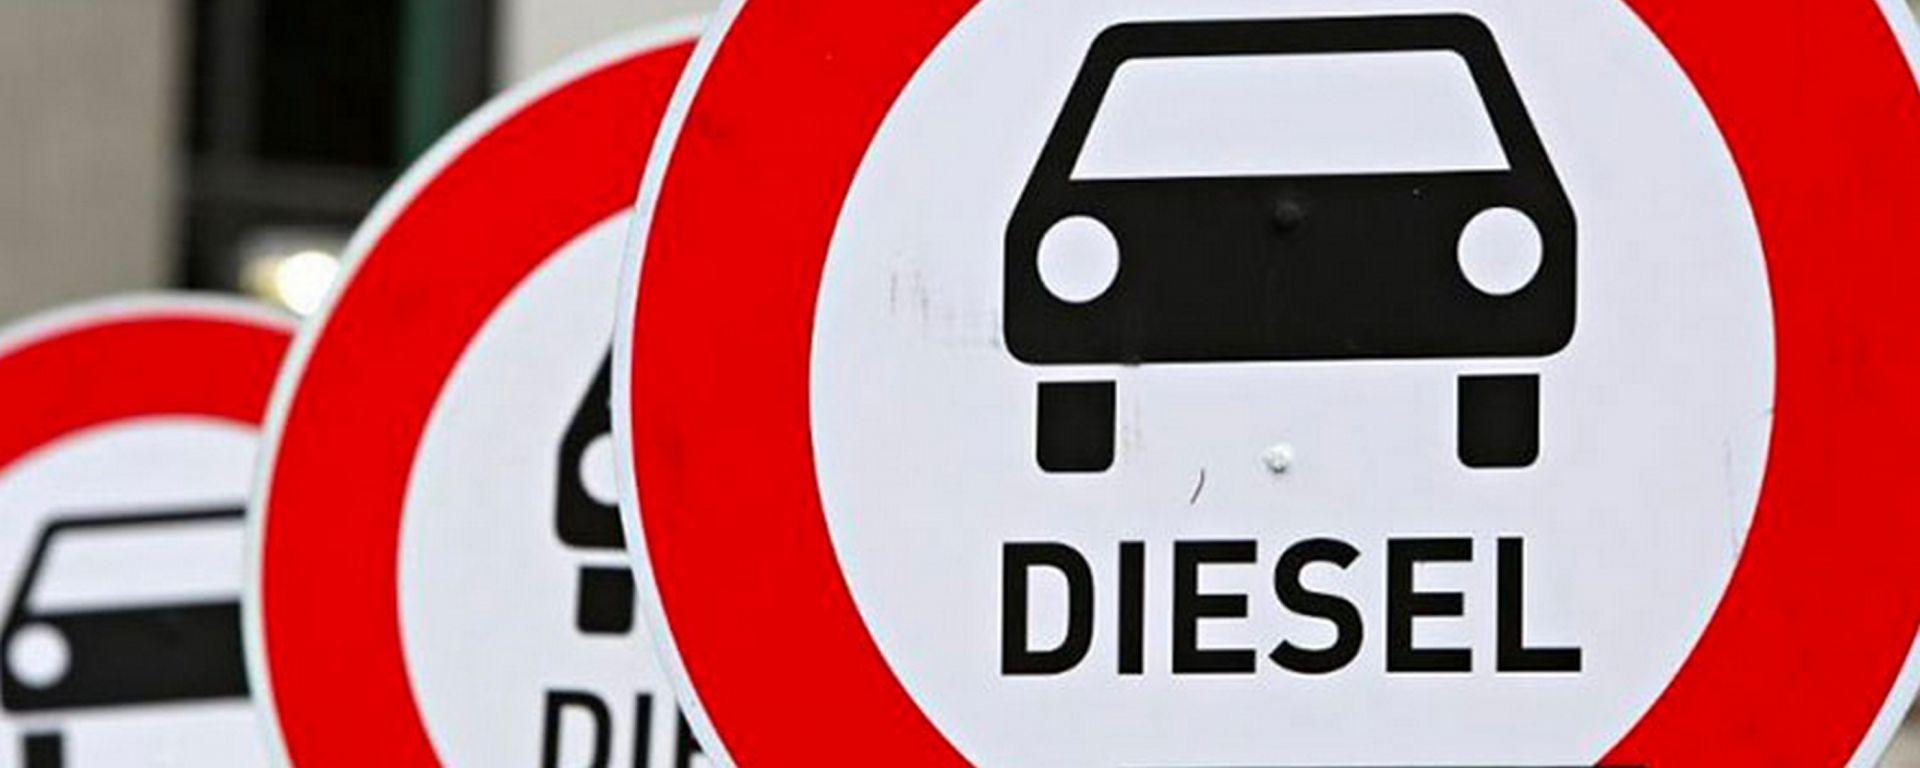 Blocco Diesel: cosa cambia a Milano, Roma e Torino